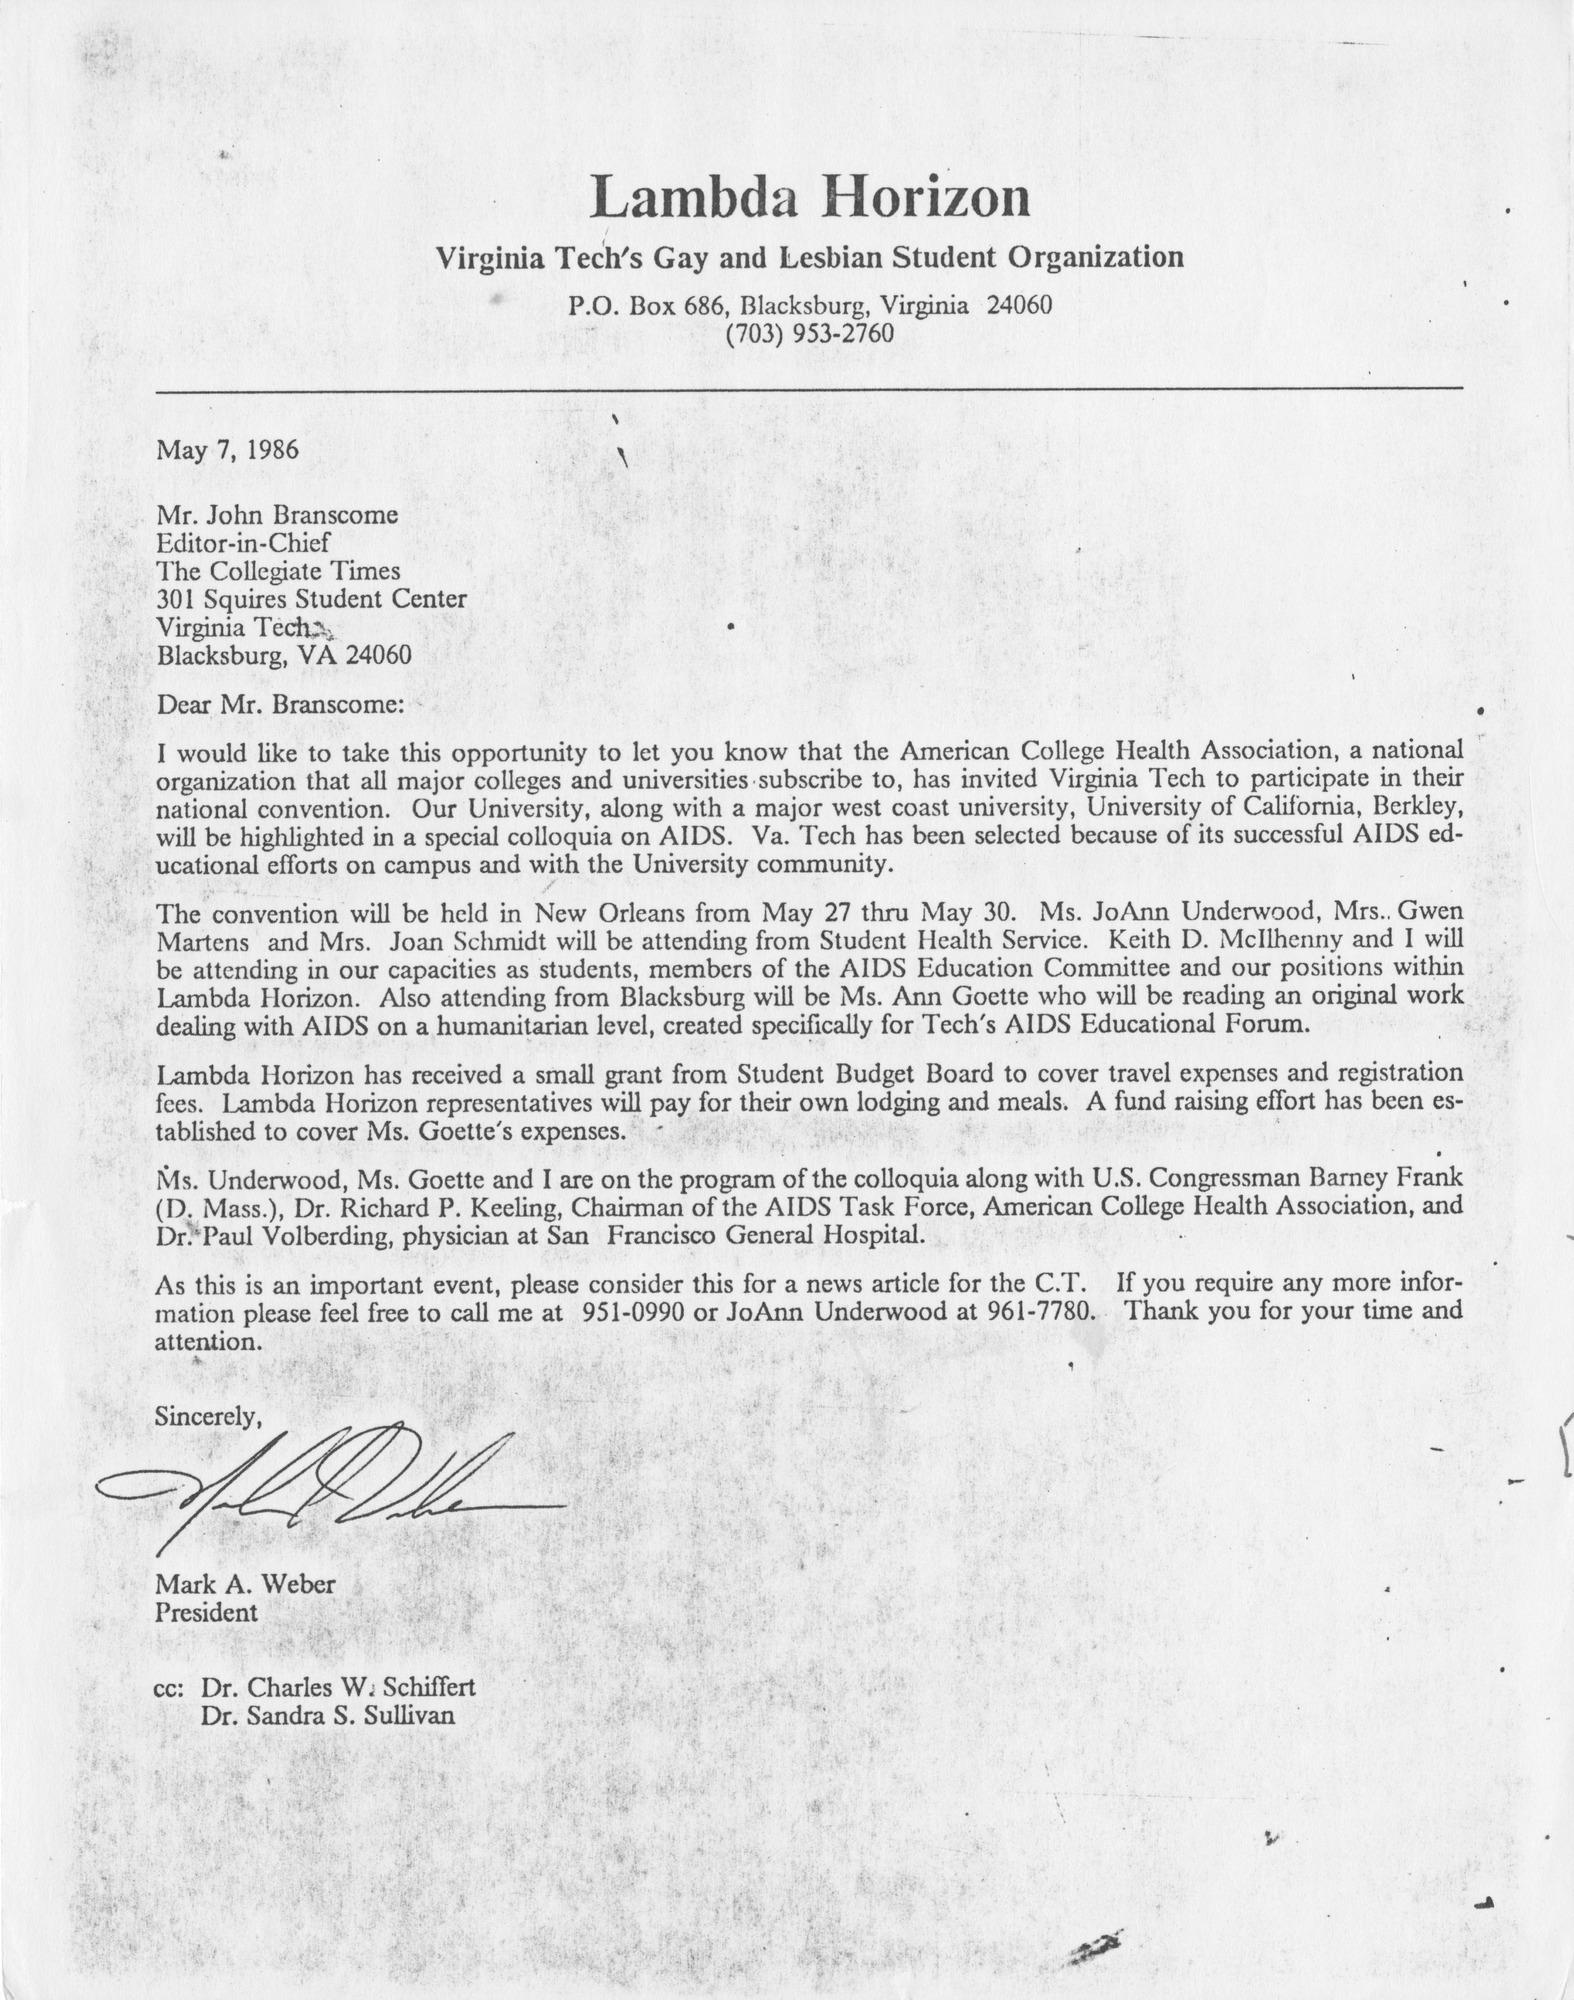 Ms2014-010_WeberMark_CorrespondenceJohnBrancome_1986_0507.jpg